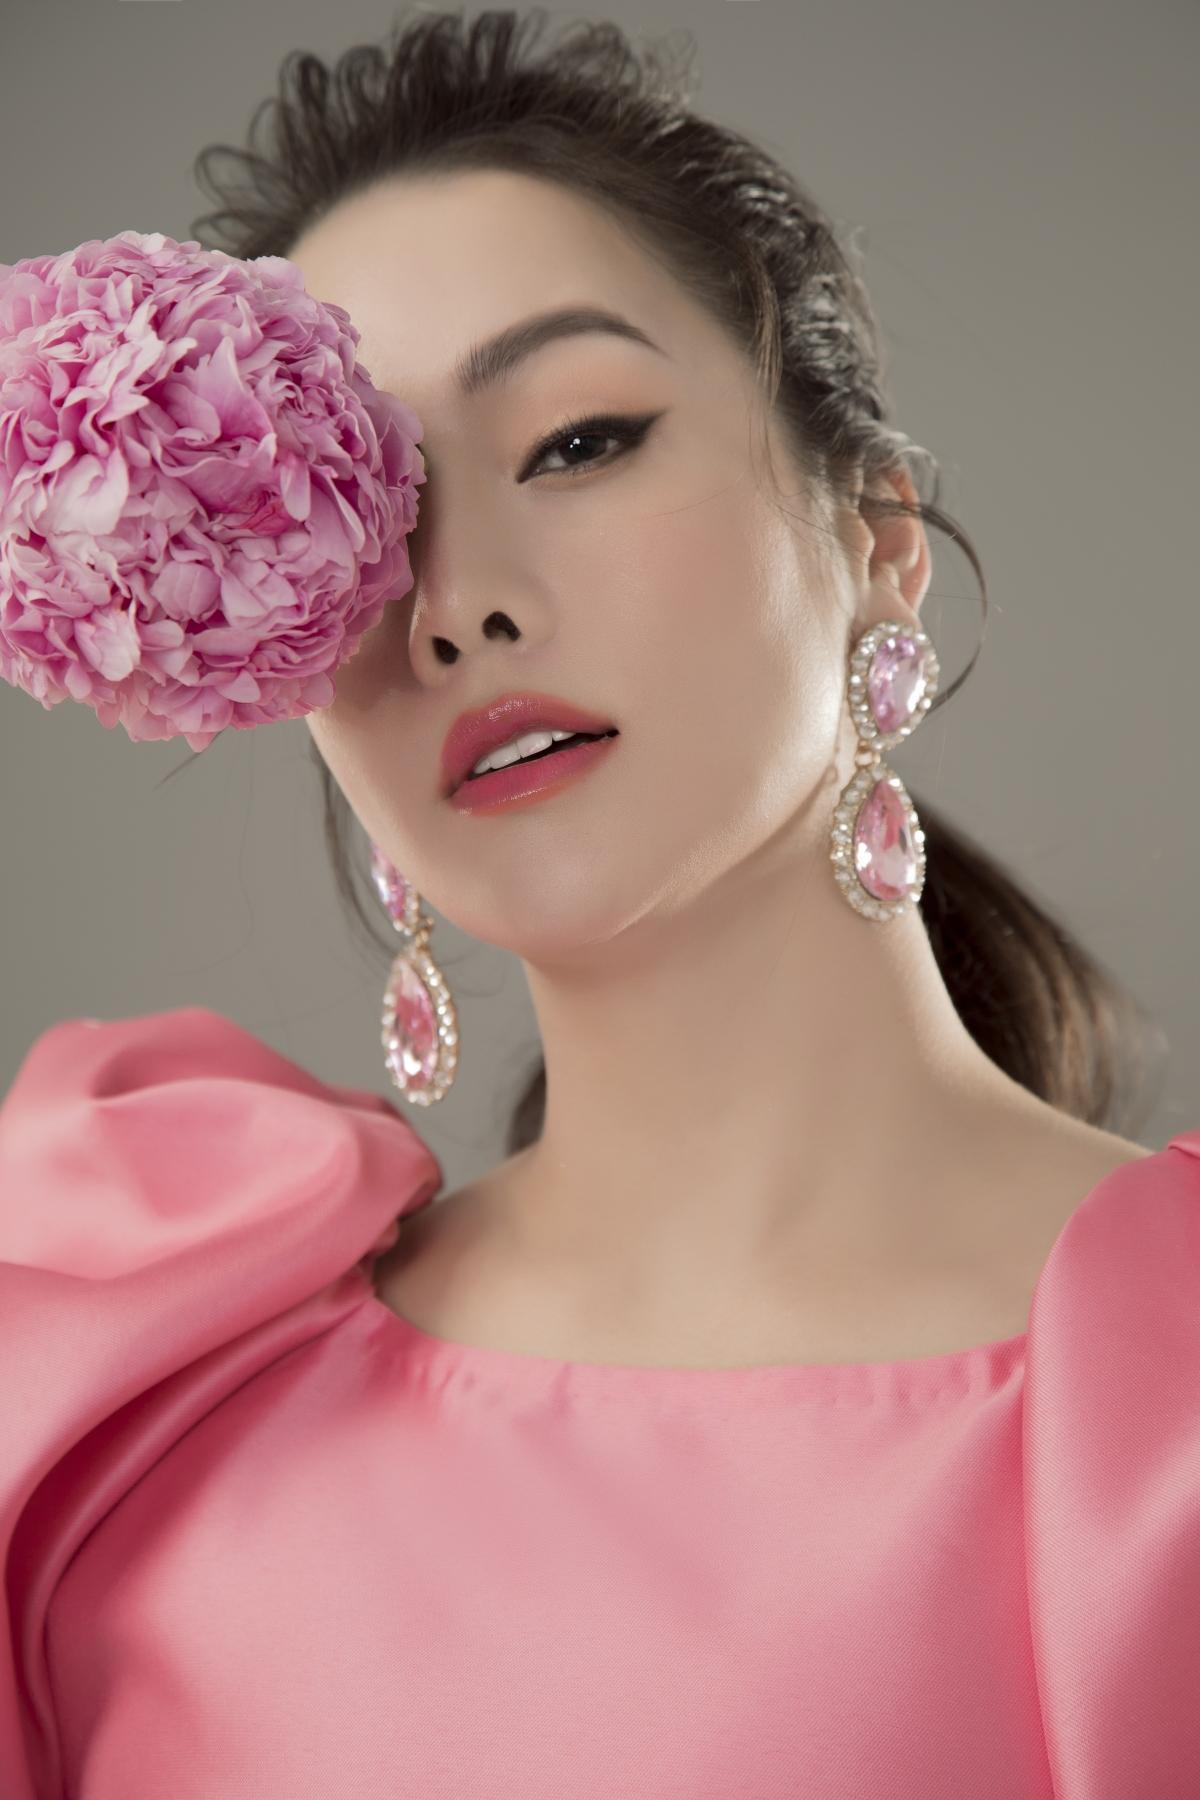 Khác với các nghệ sĩ khác trong showbiz, Nhật Kim Anh rất ít khi thay đổi phong cách cho bản thân.